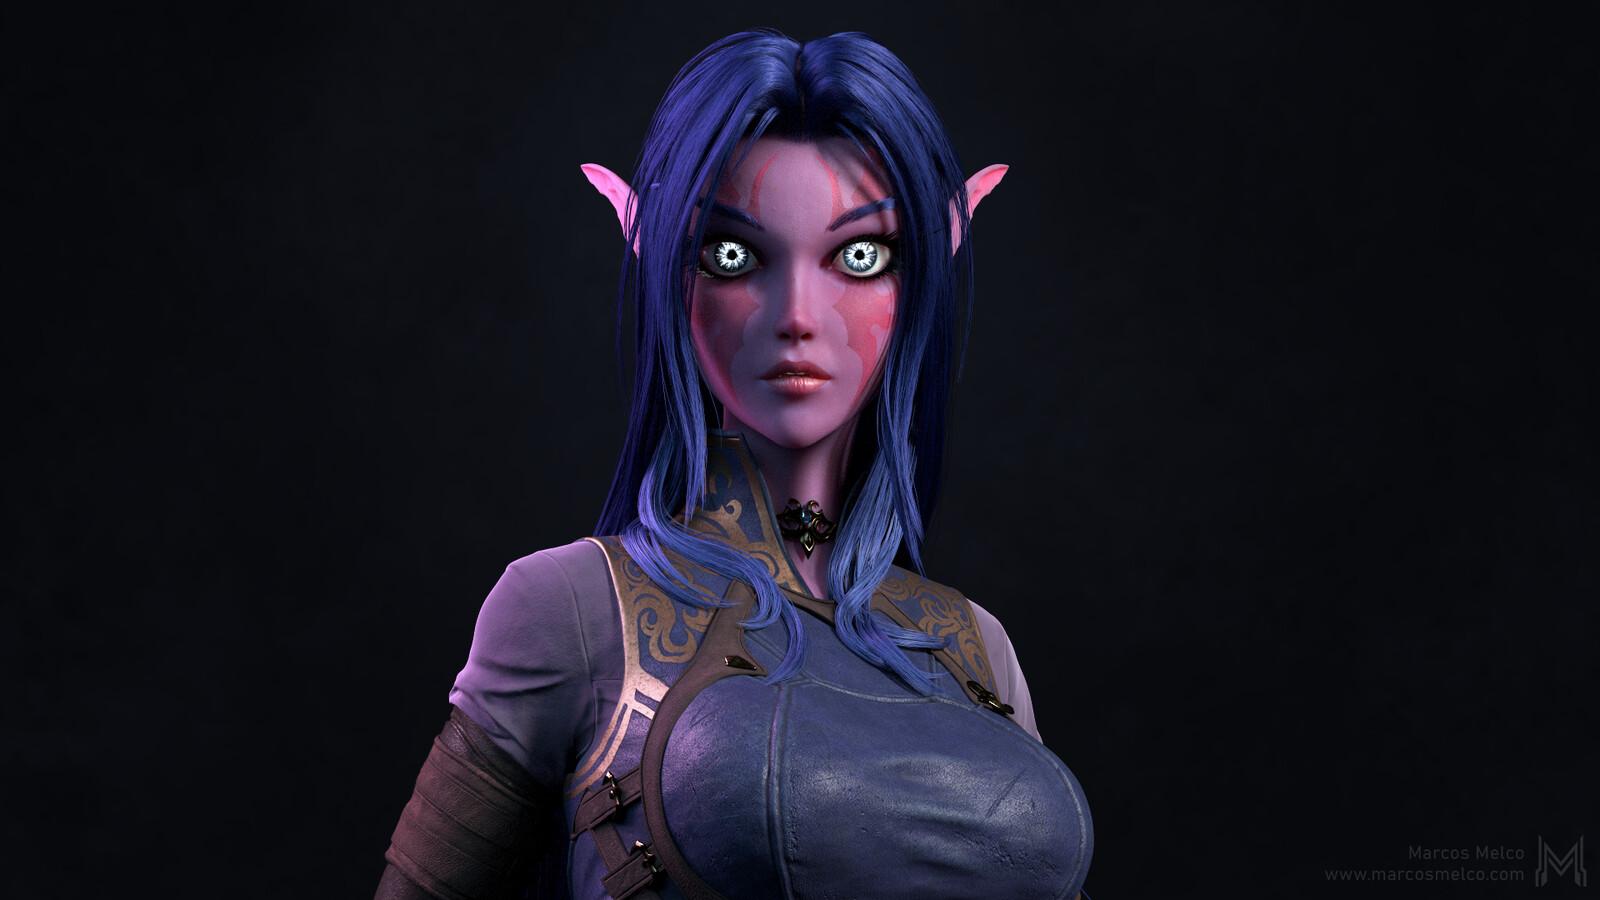 No armor close-up